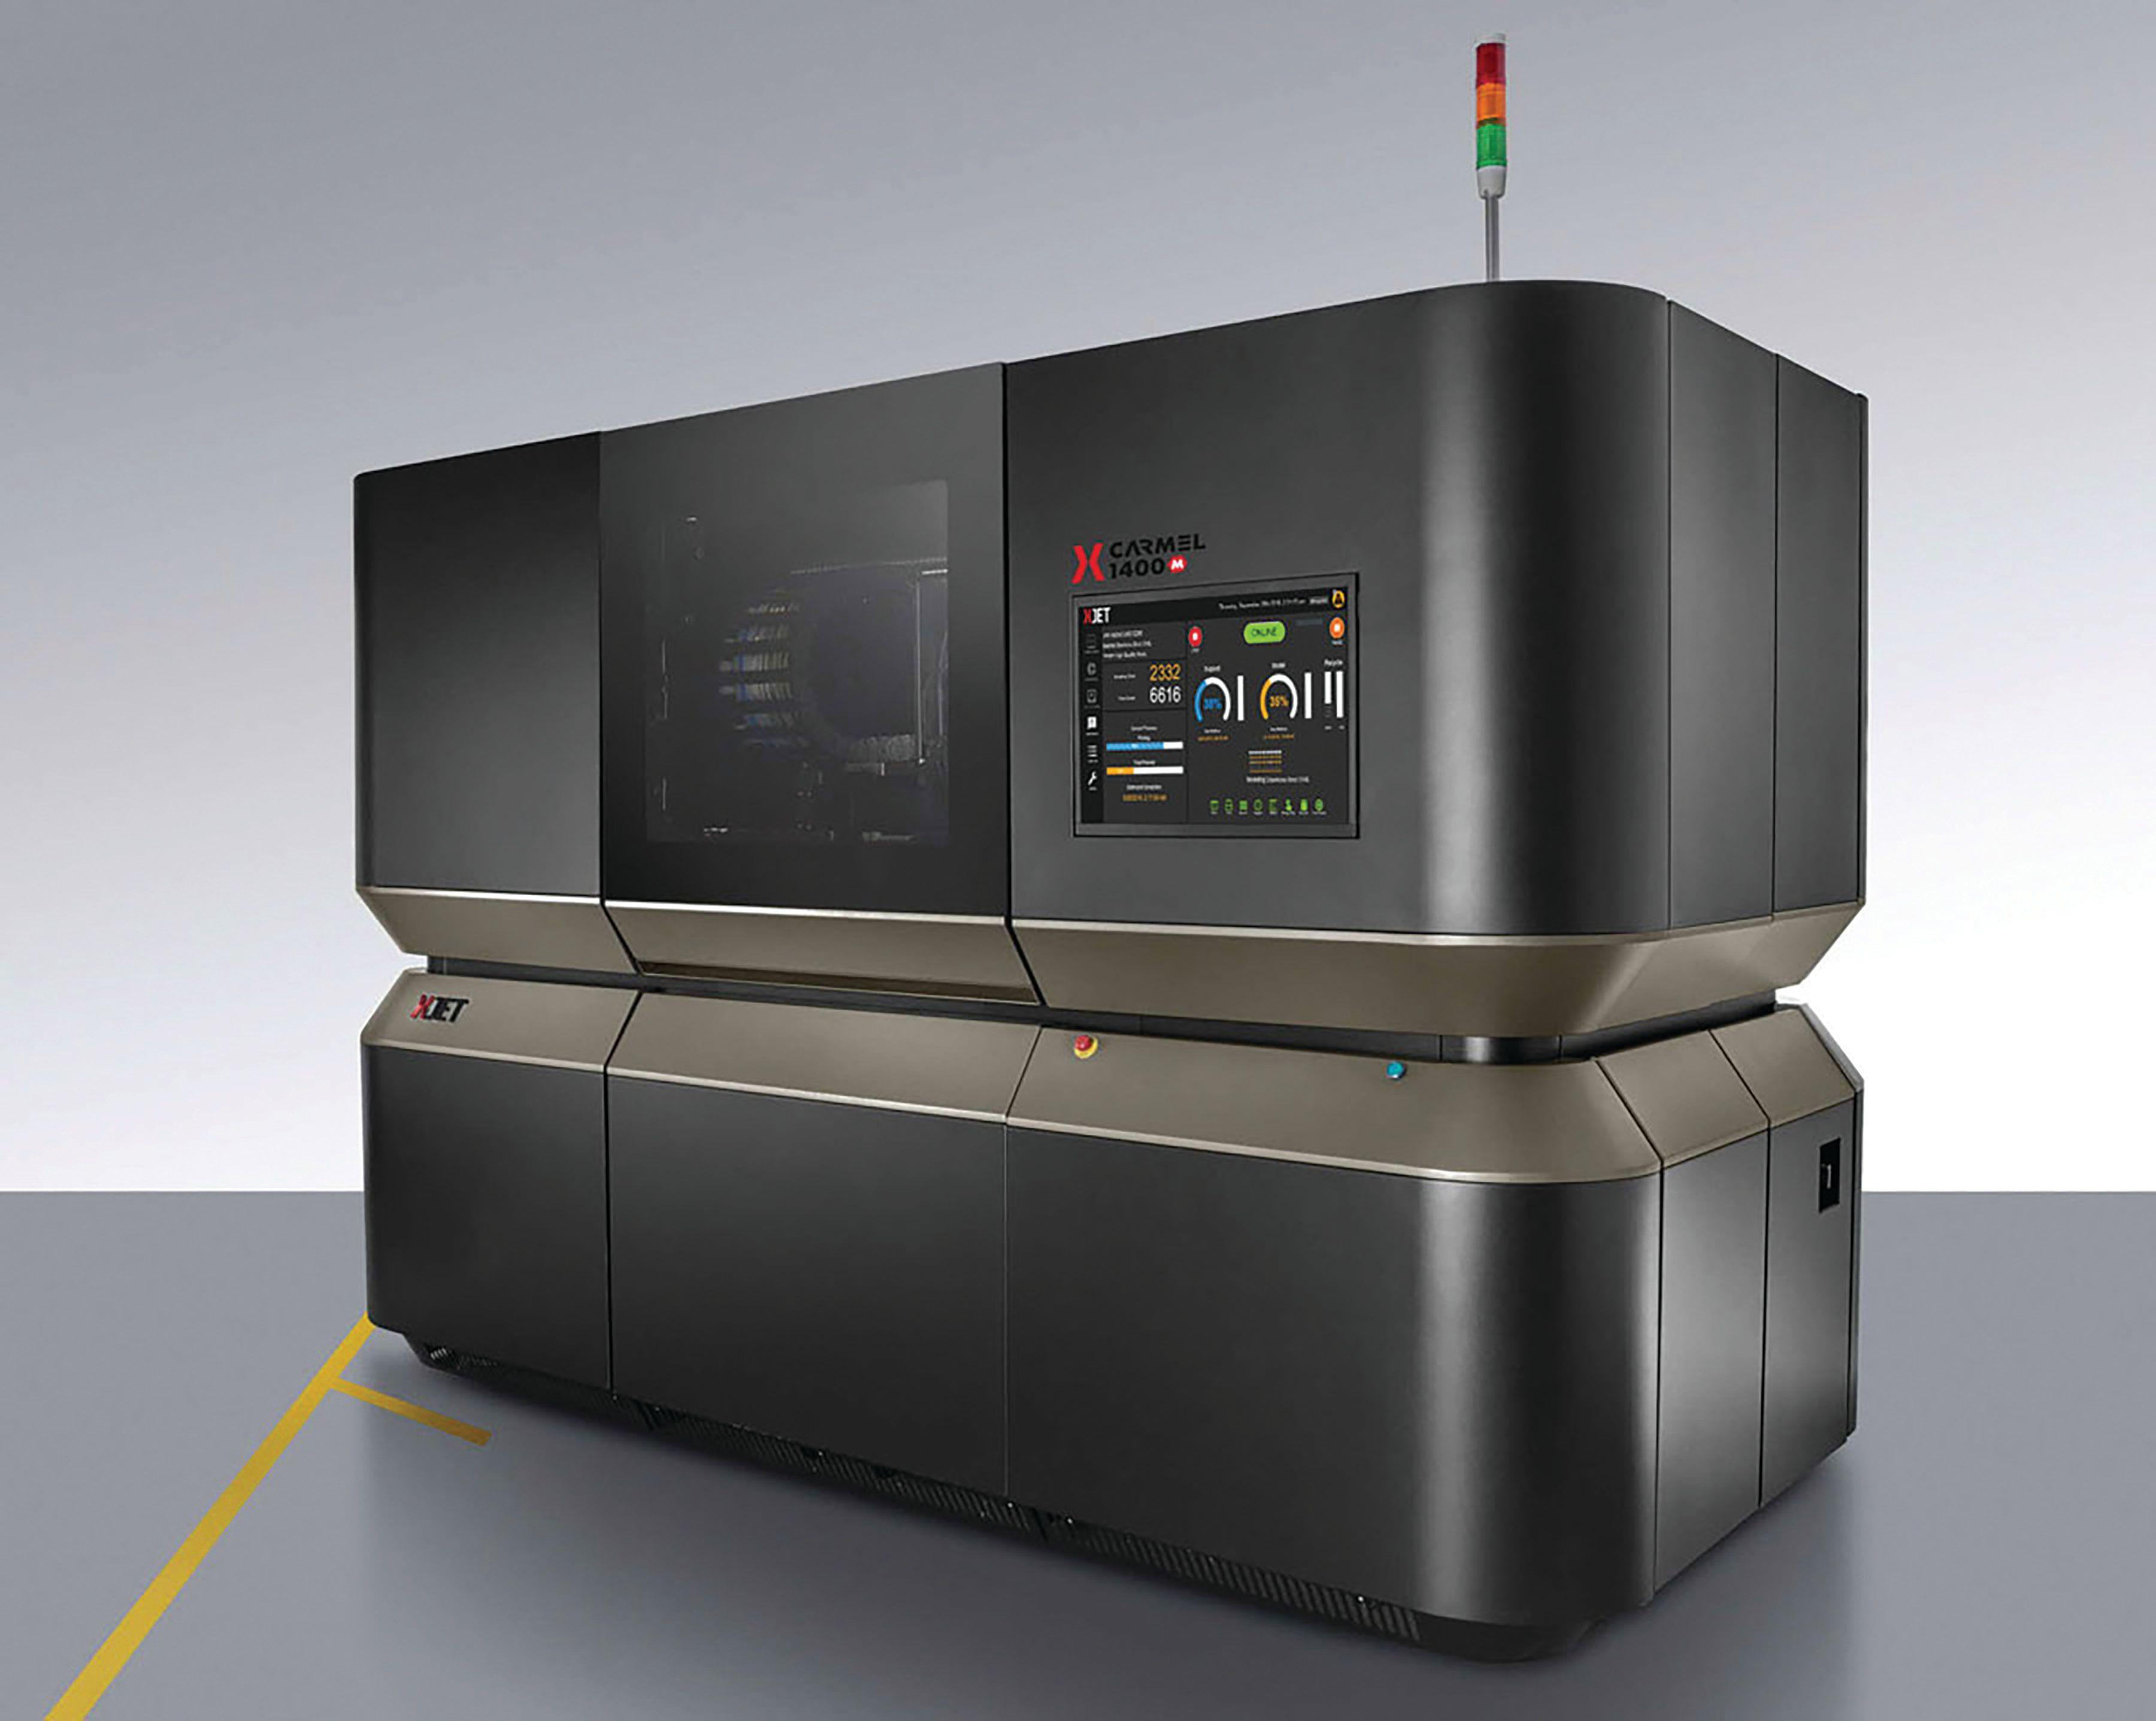 XJet, Straumann Partner to Advance AM Technology